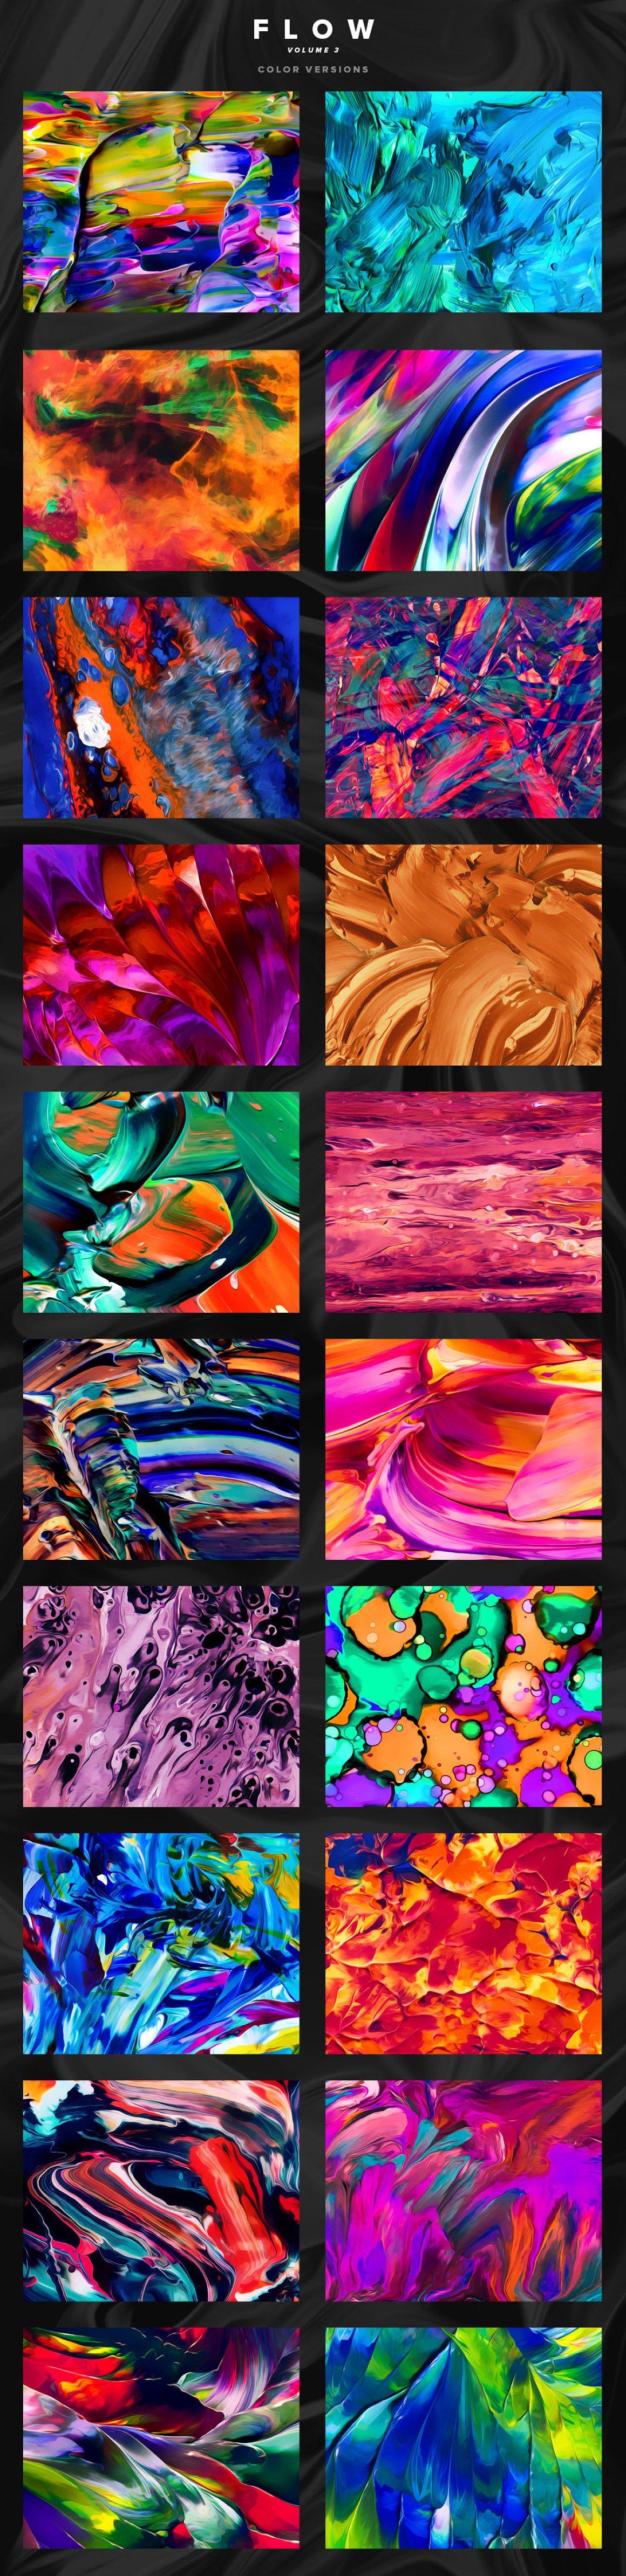 100 fluid paintings-10.jpg